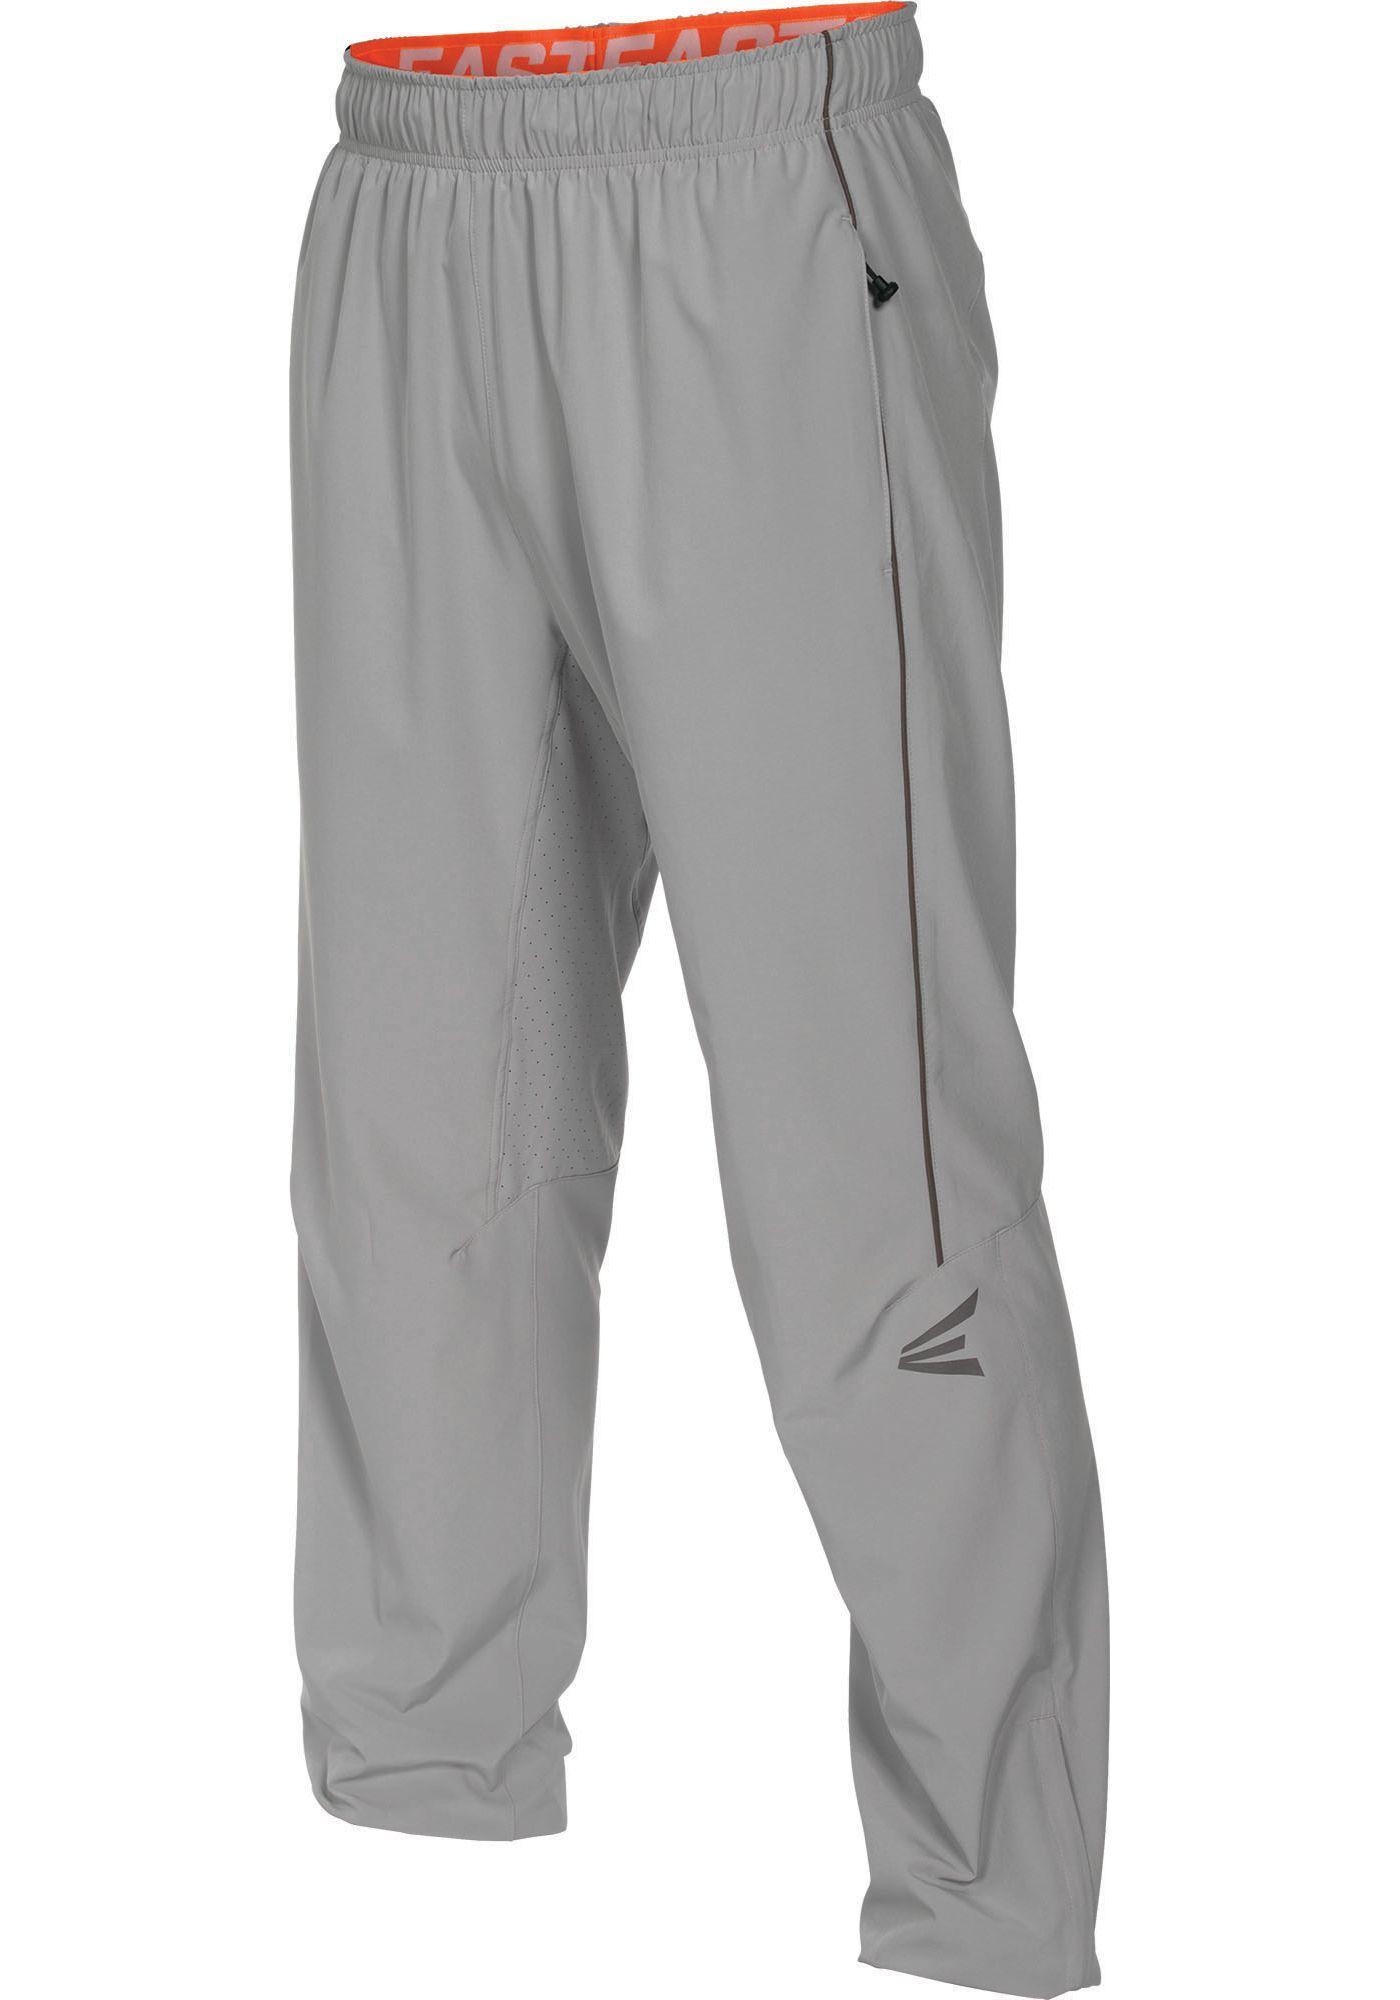 Easton Men's M10 Stretch Woven Pants